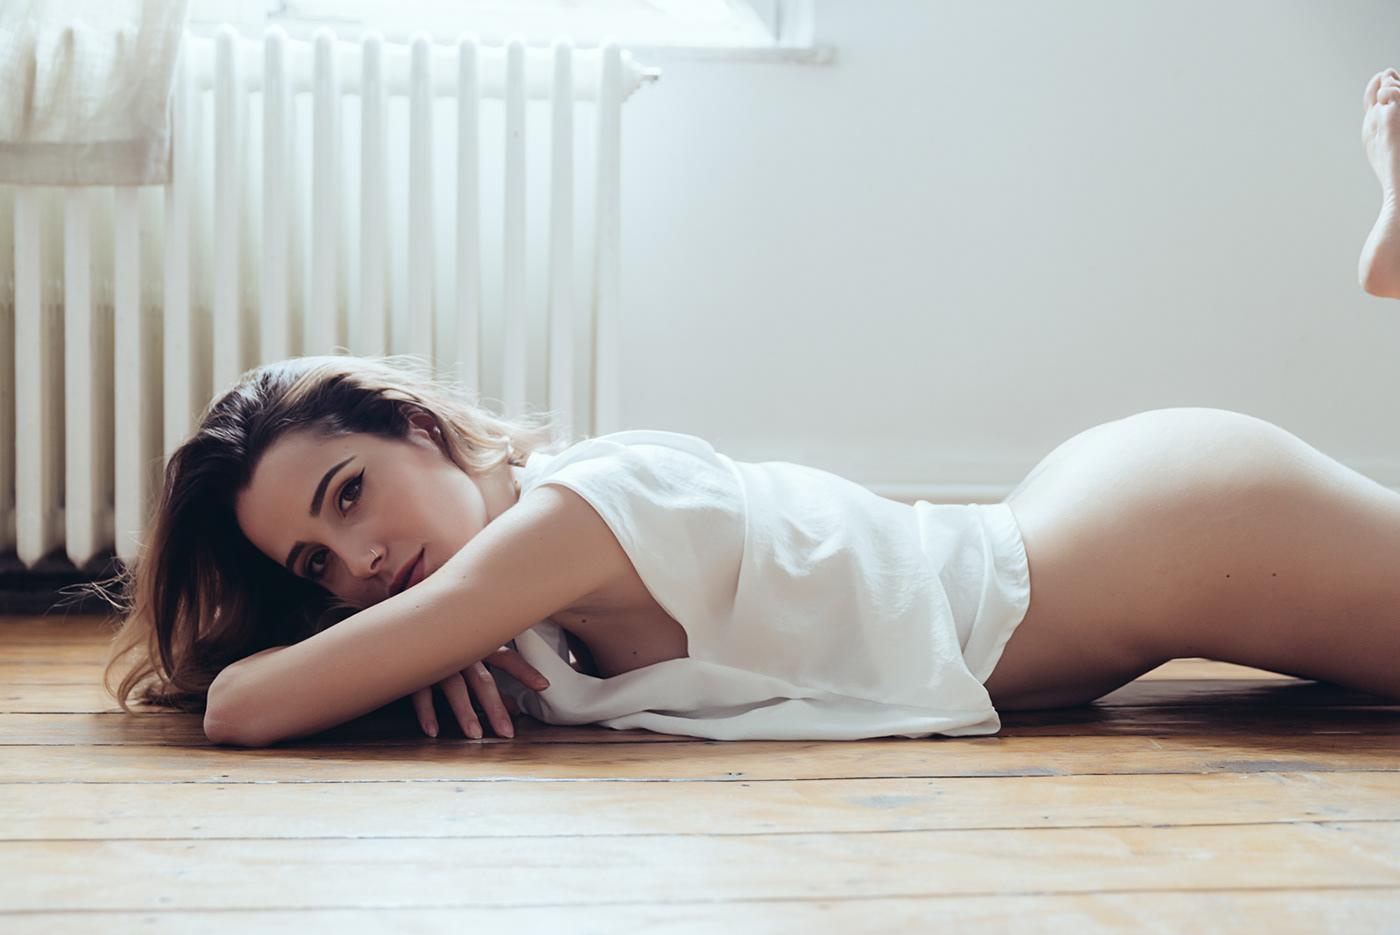 Nicole for REKT magazine / фотограф Alberto Maccari